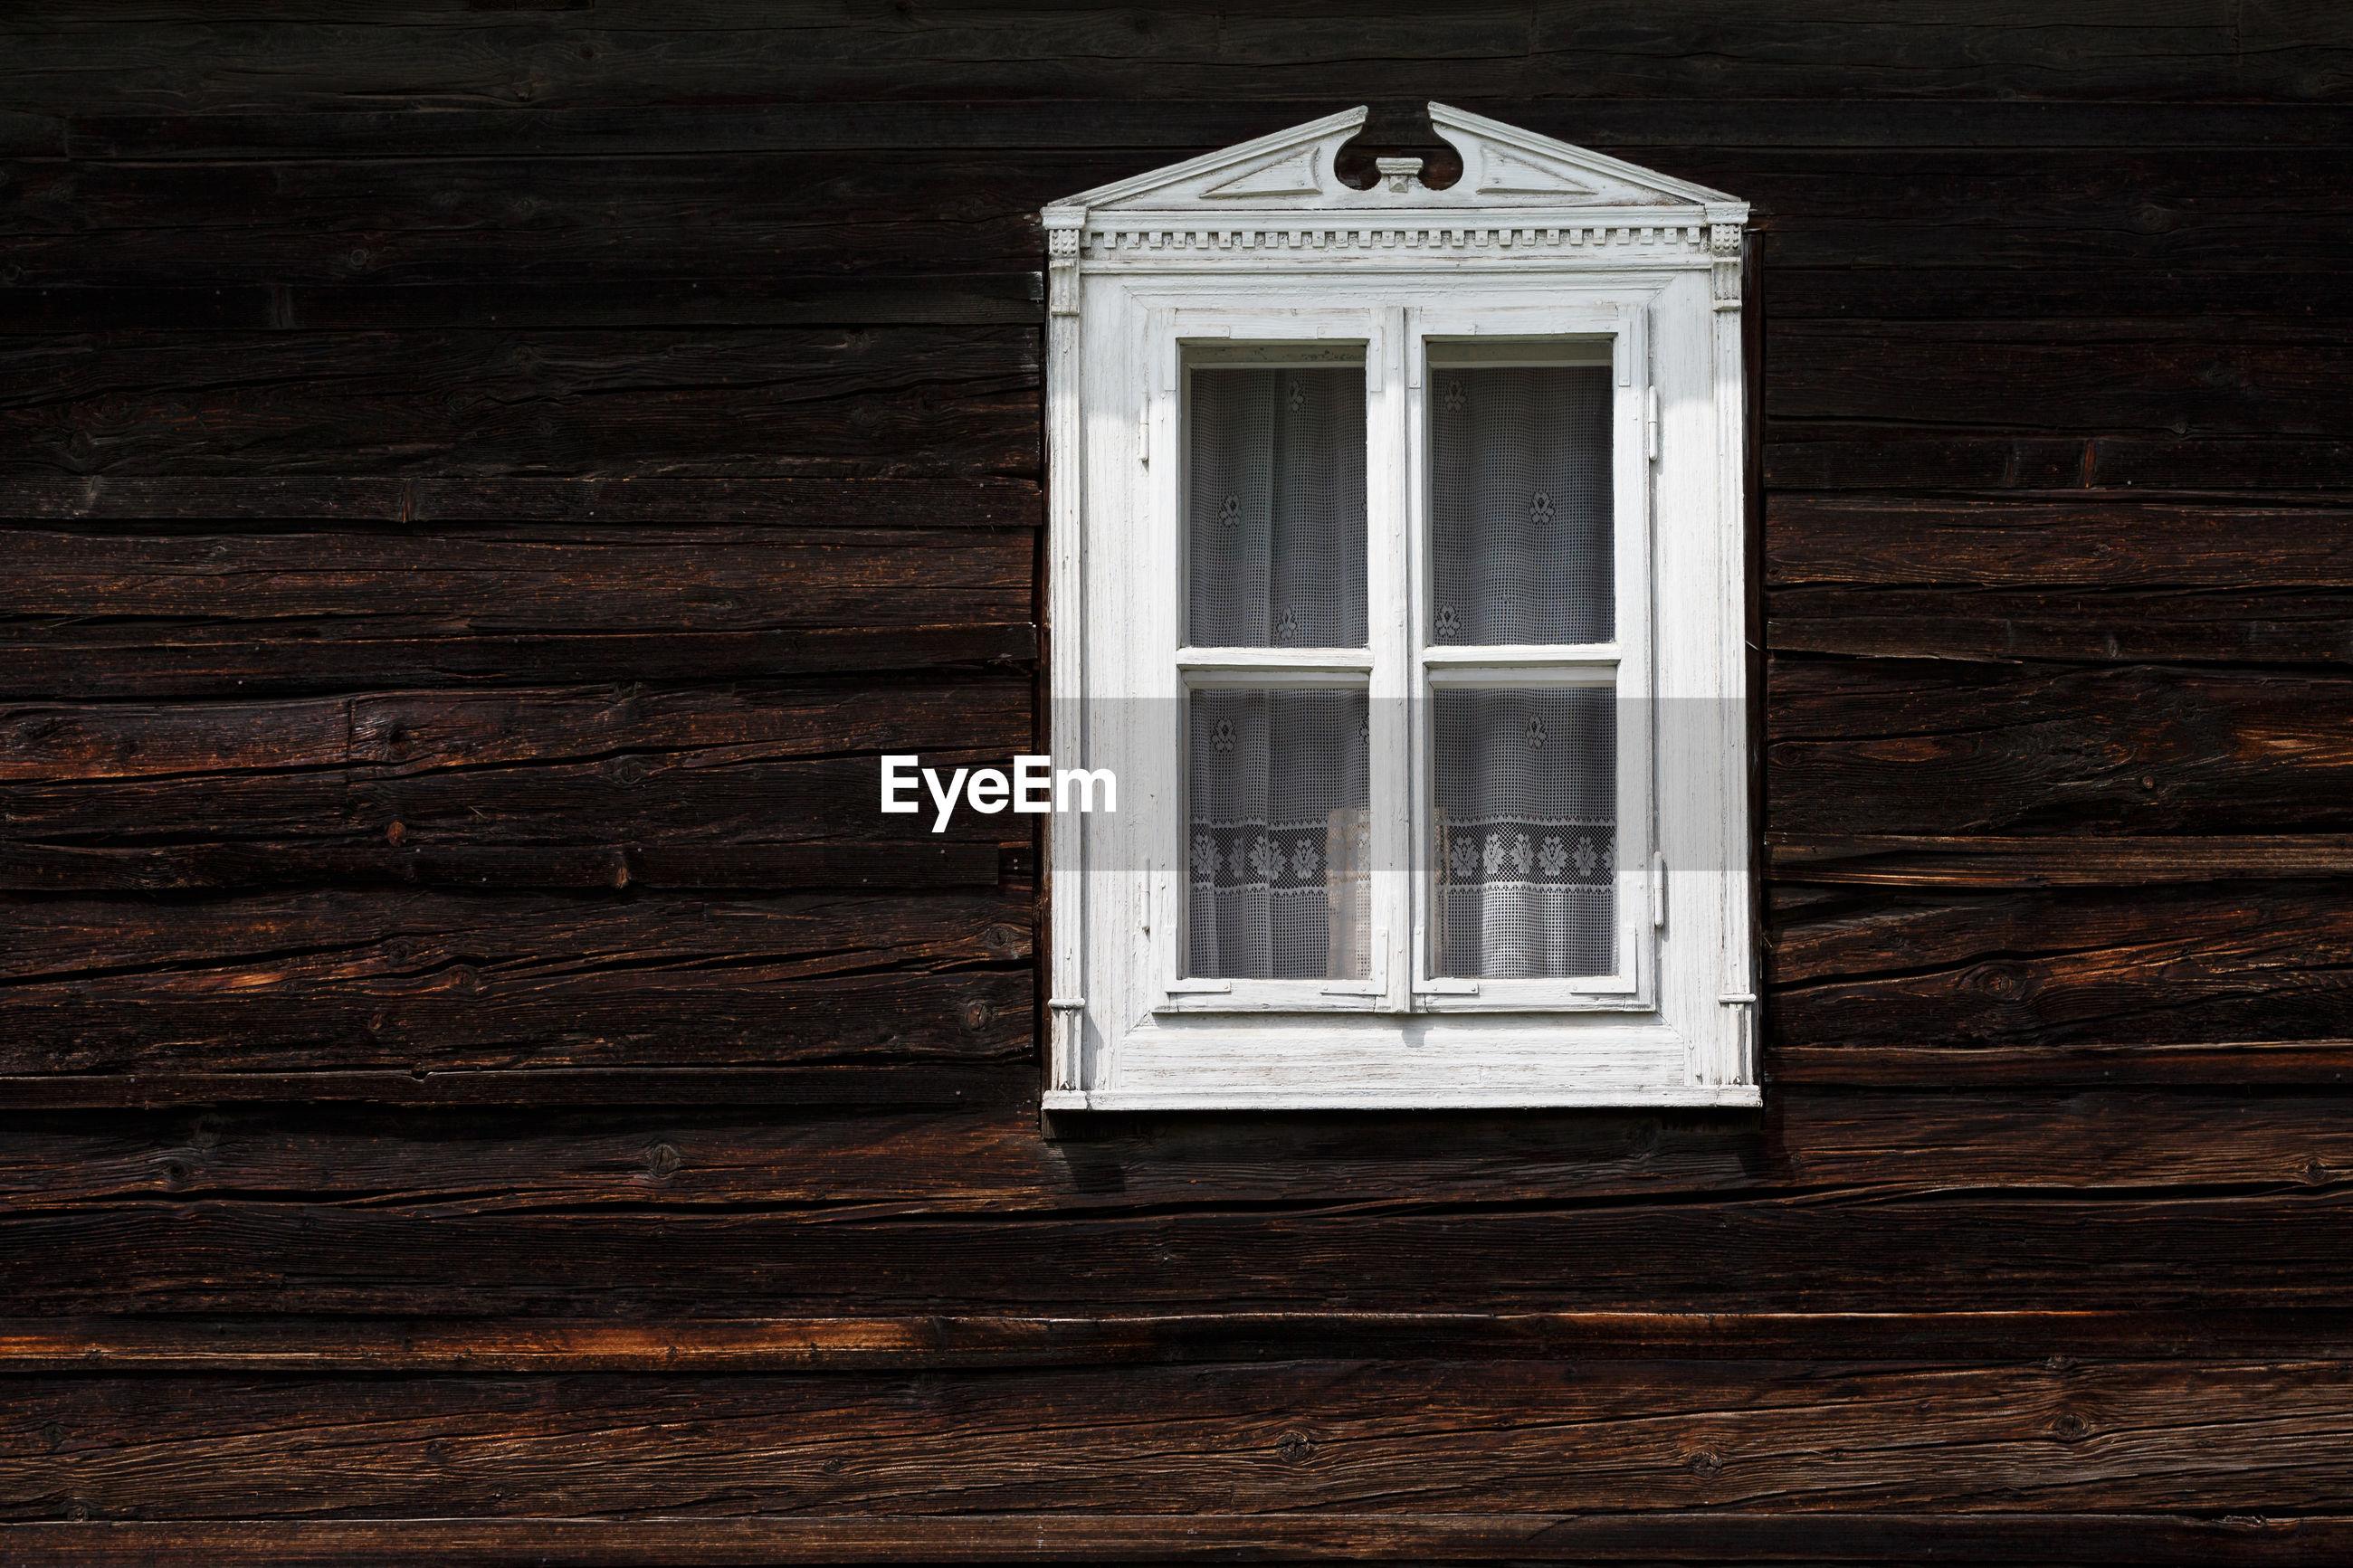 WINDOW ON WOODEN DOOR OF HOUSE